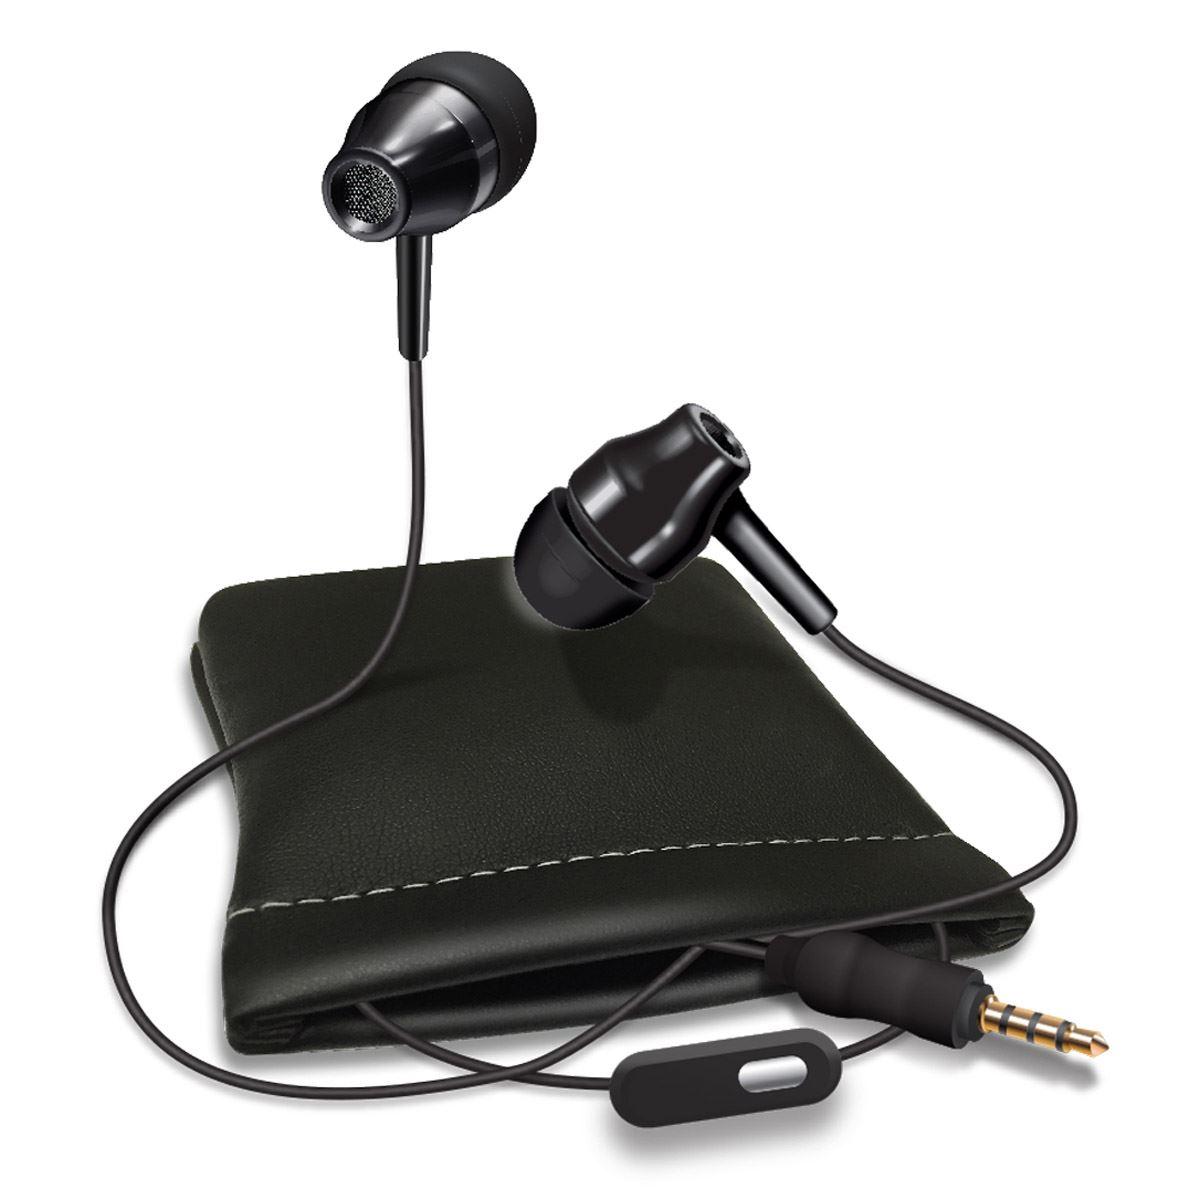 Audífonos regal c/micrófono y estuche  - Sanborns